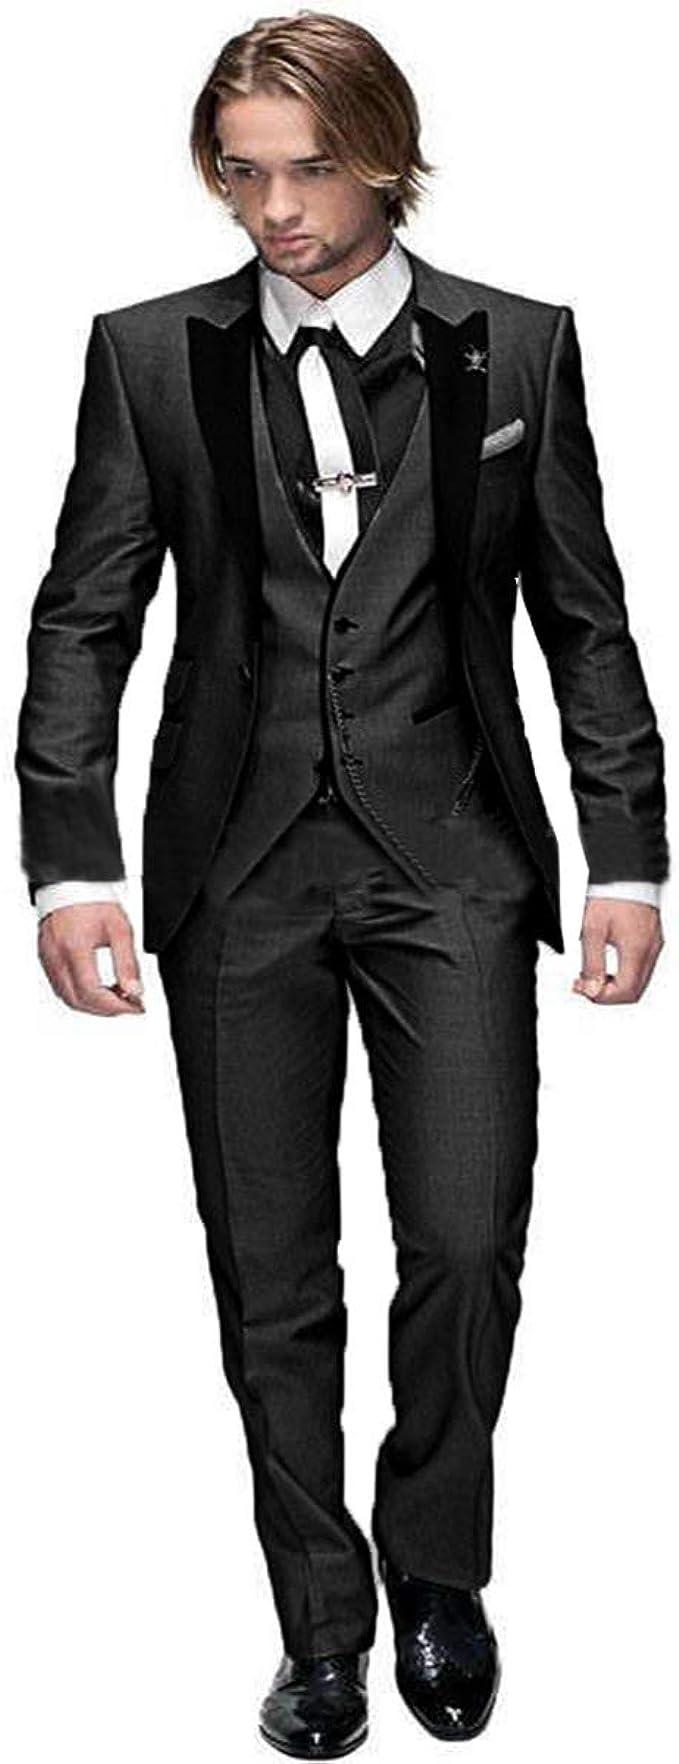 Amazon.com: RONGKIM - Traje de boda para hombre, ajuste ...